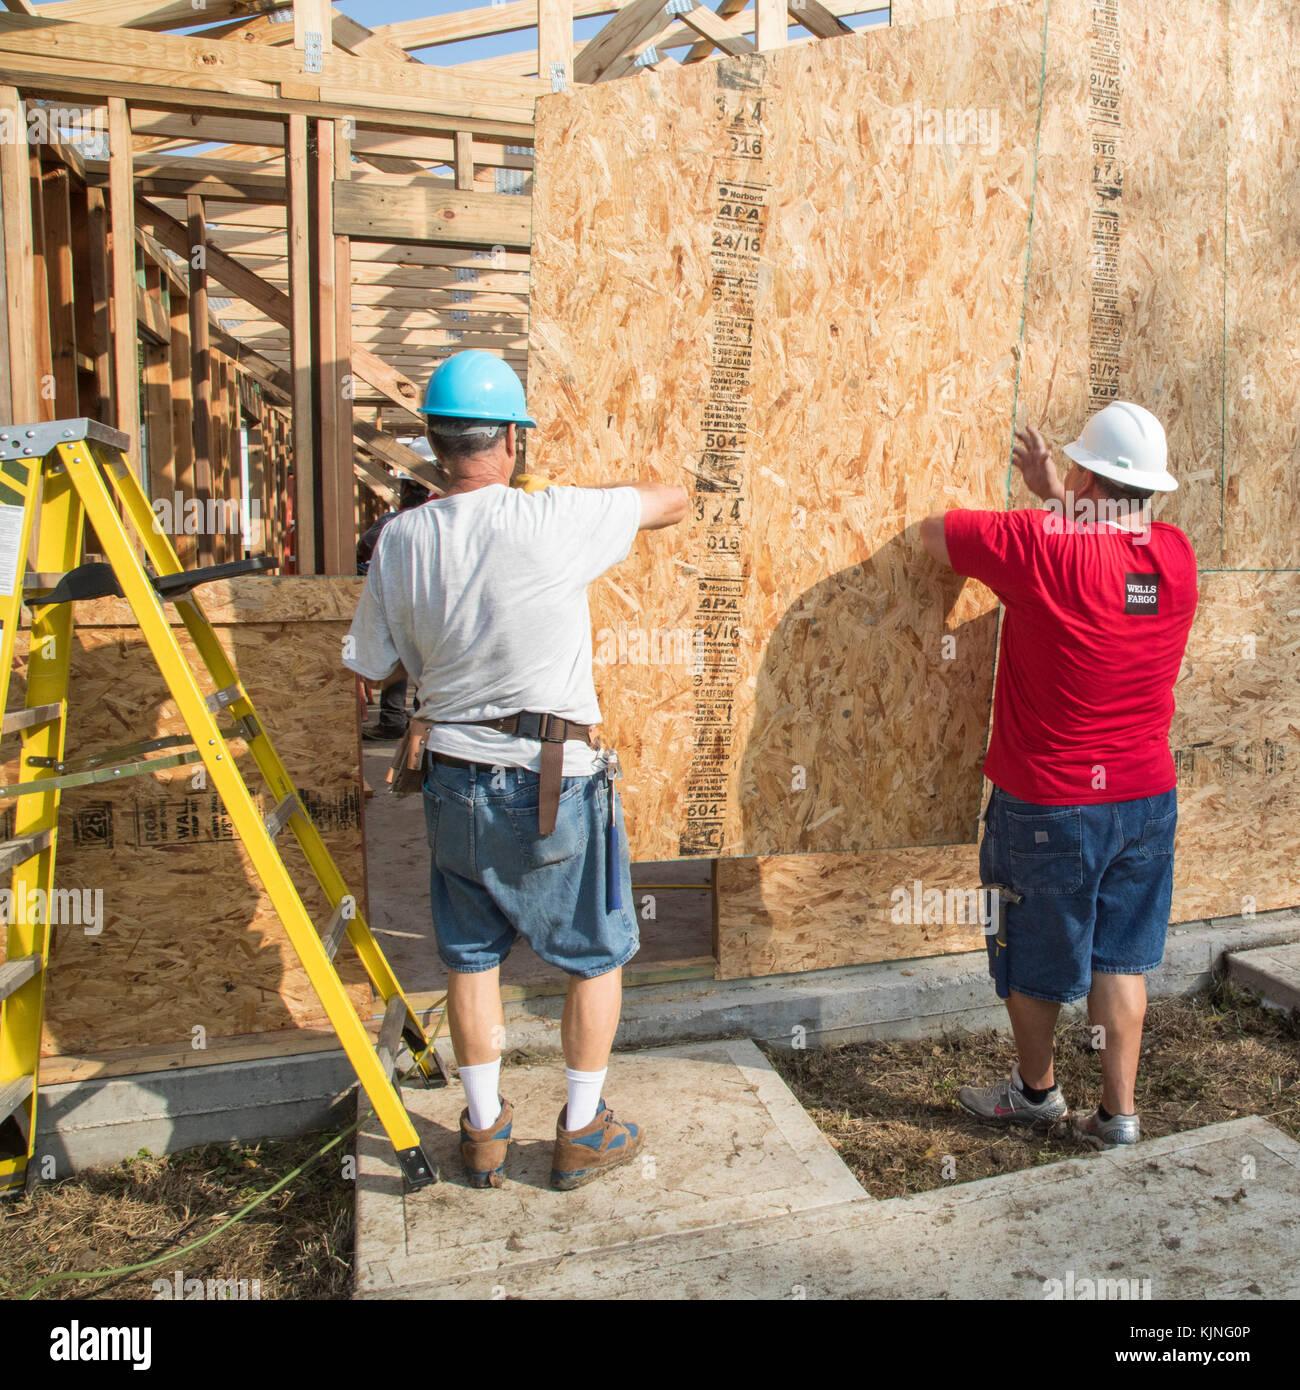 Houston, Texas - Volunteers from Wells Fargo Bank help build